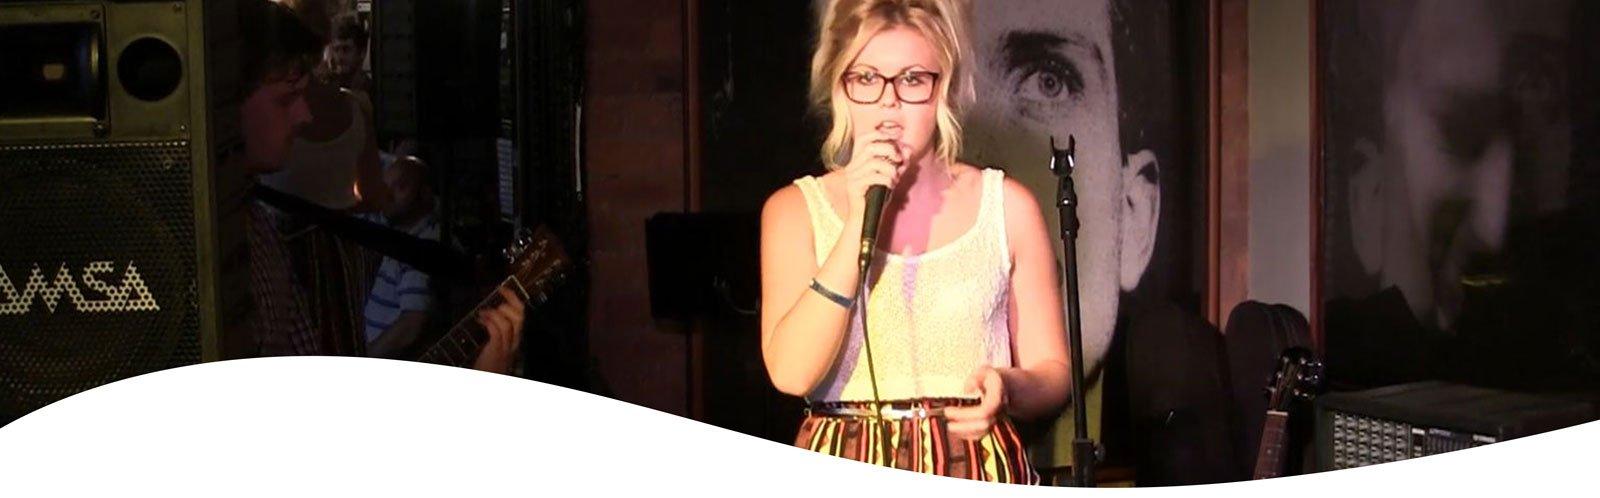 Gemma James, UK pop singer, UK Singer, Open mic